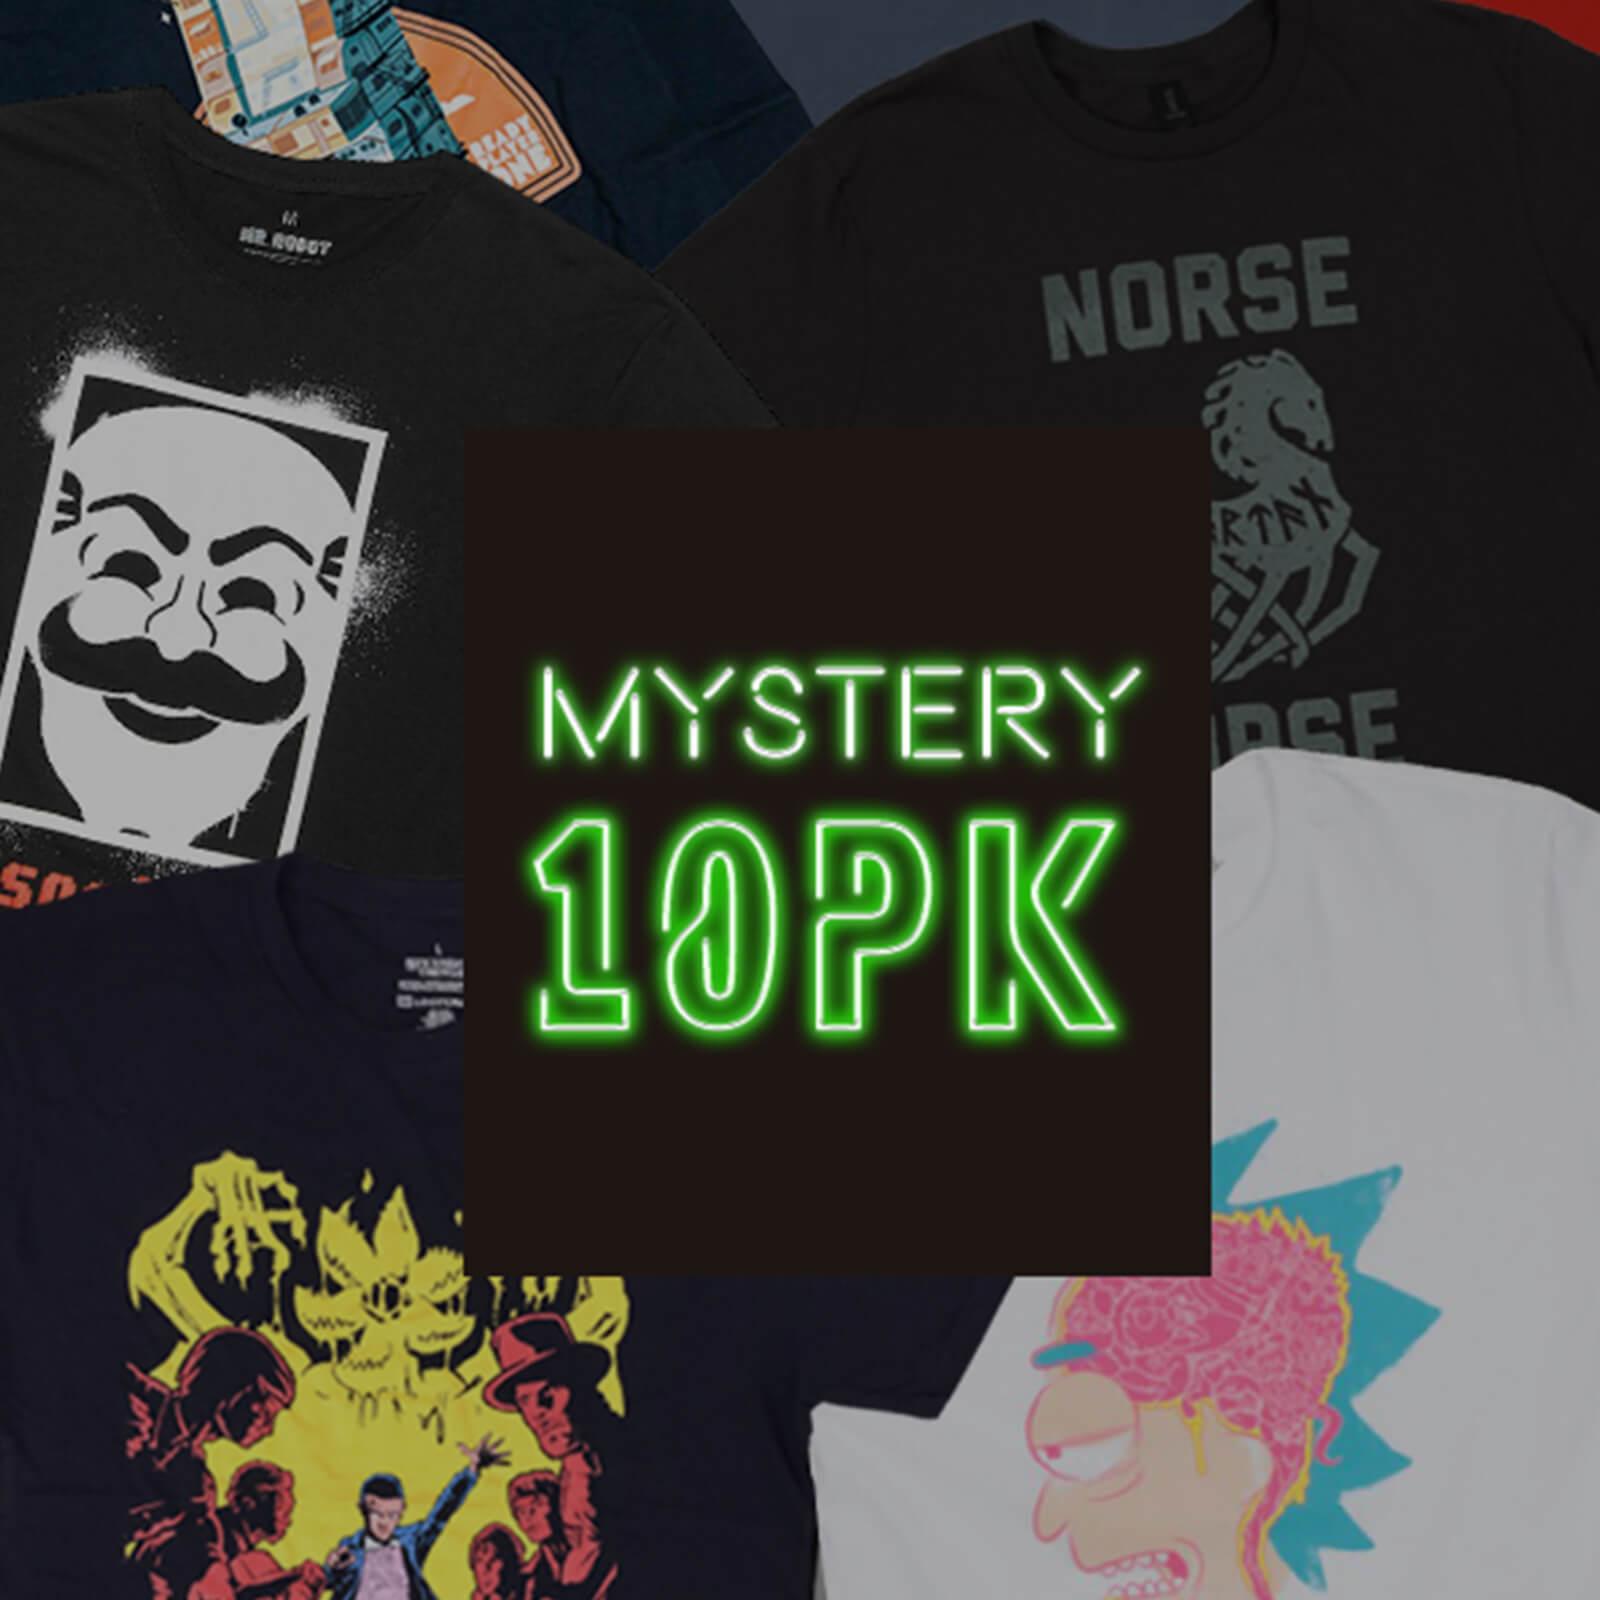 Mystery geek t-shirt pack